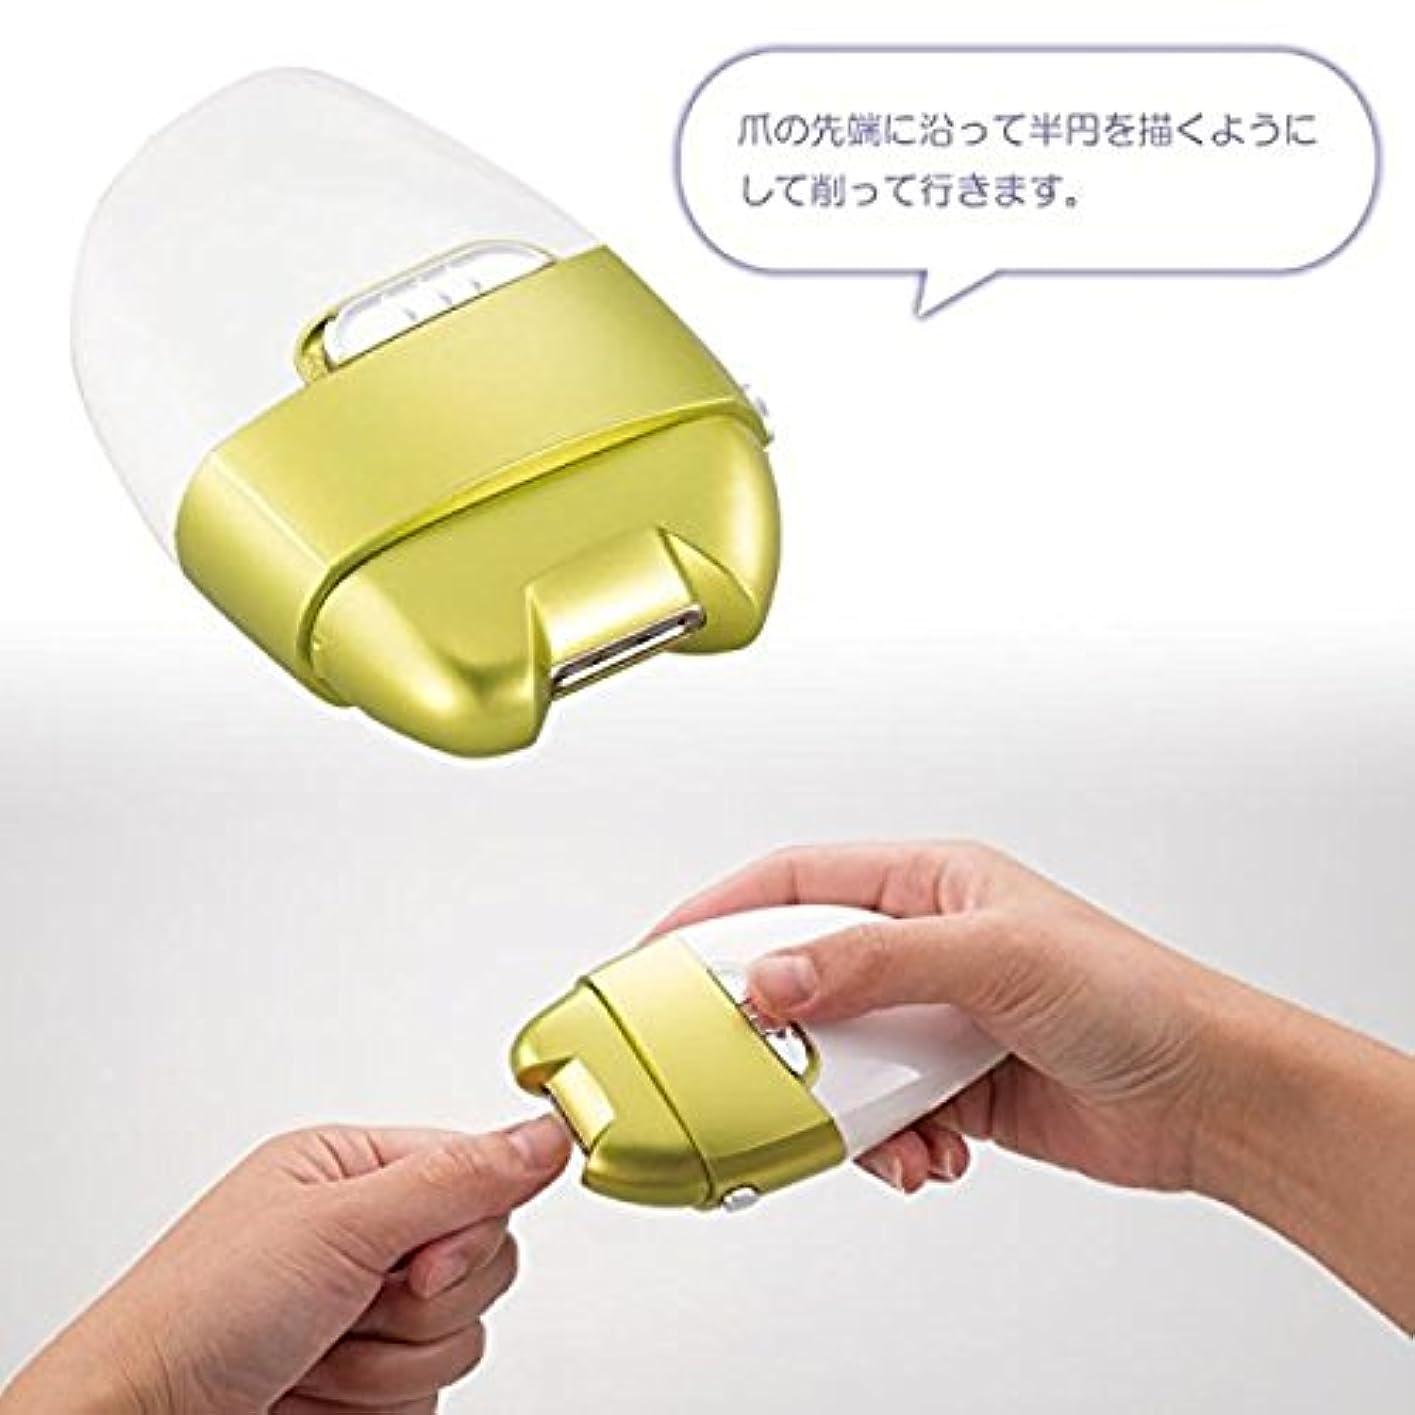 りんご変装立ち寄る電動爪削り Leaf dS-1651428